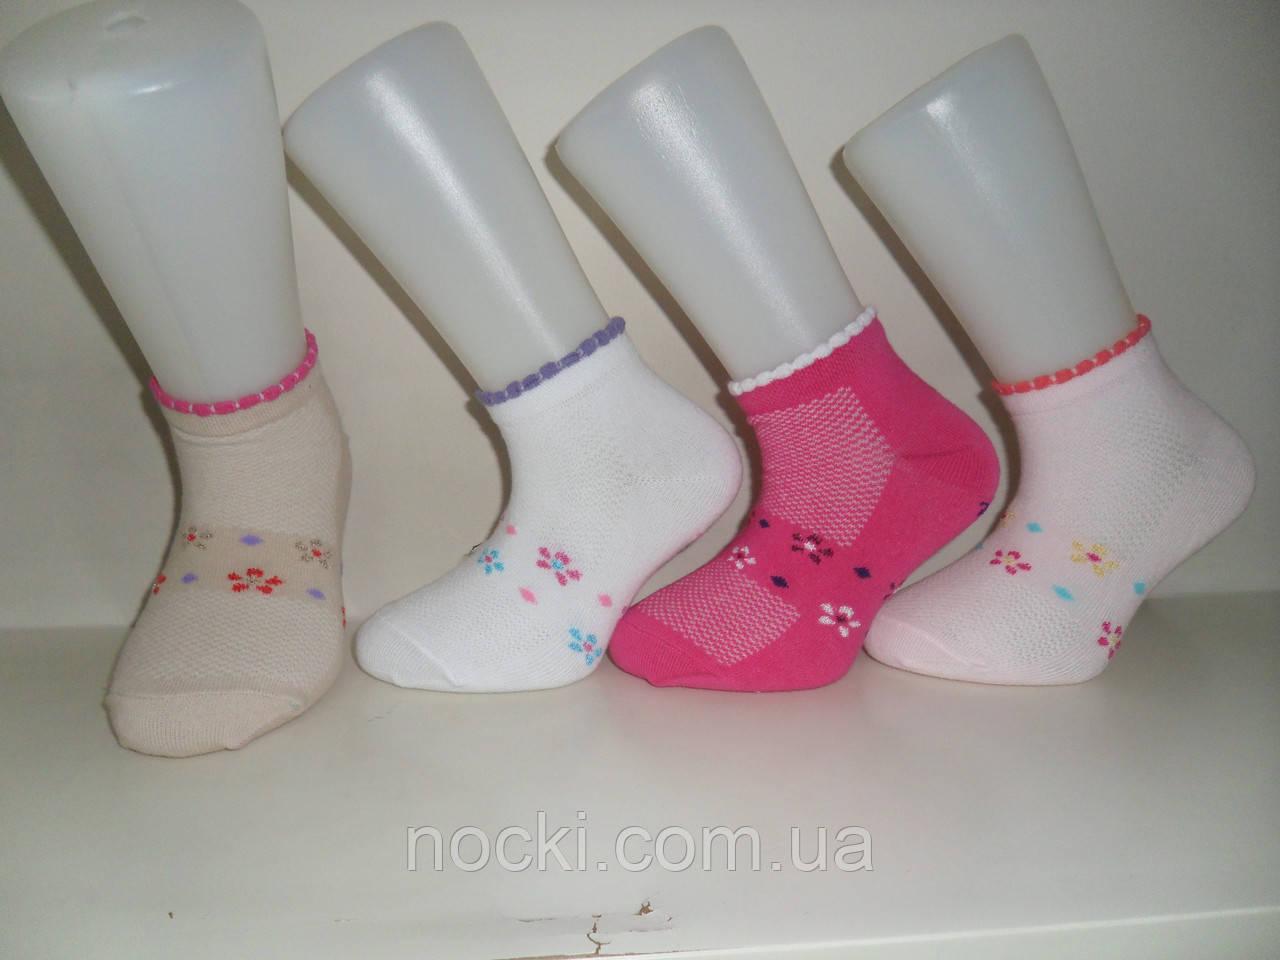 Детские носки в сеточку Onurcan б/р 11  0052